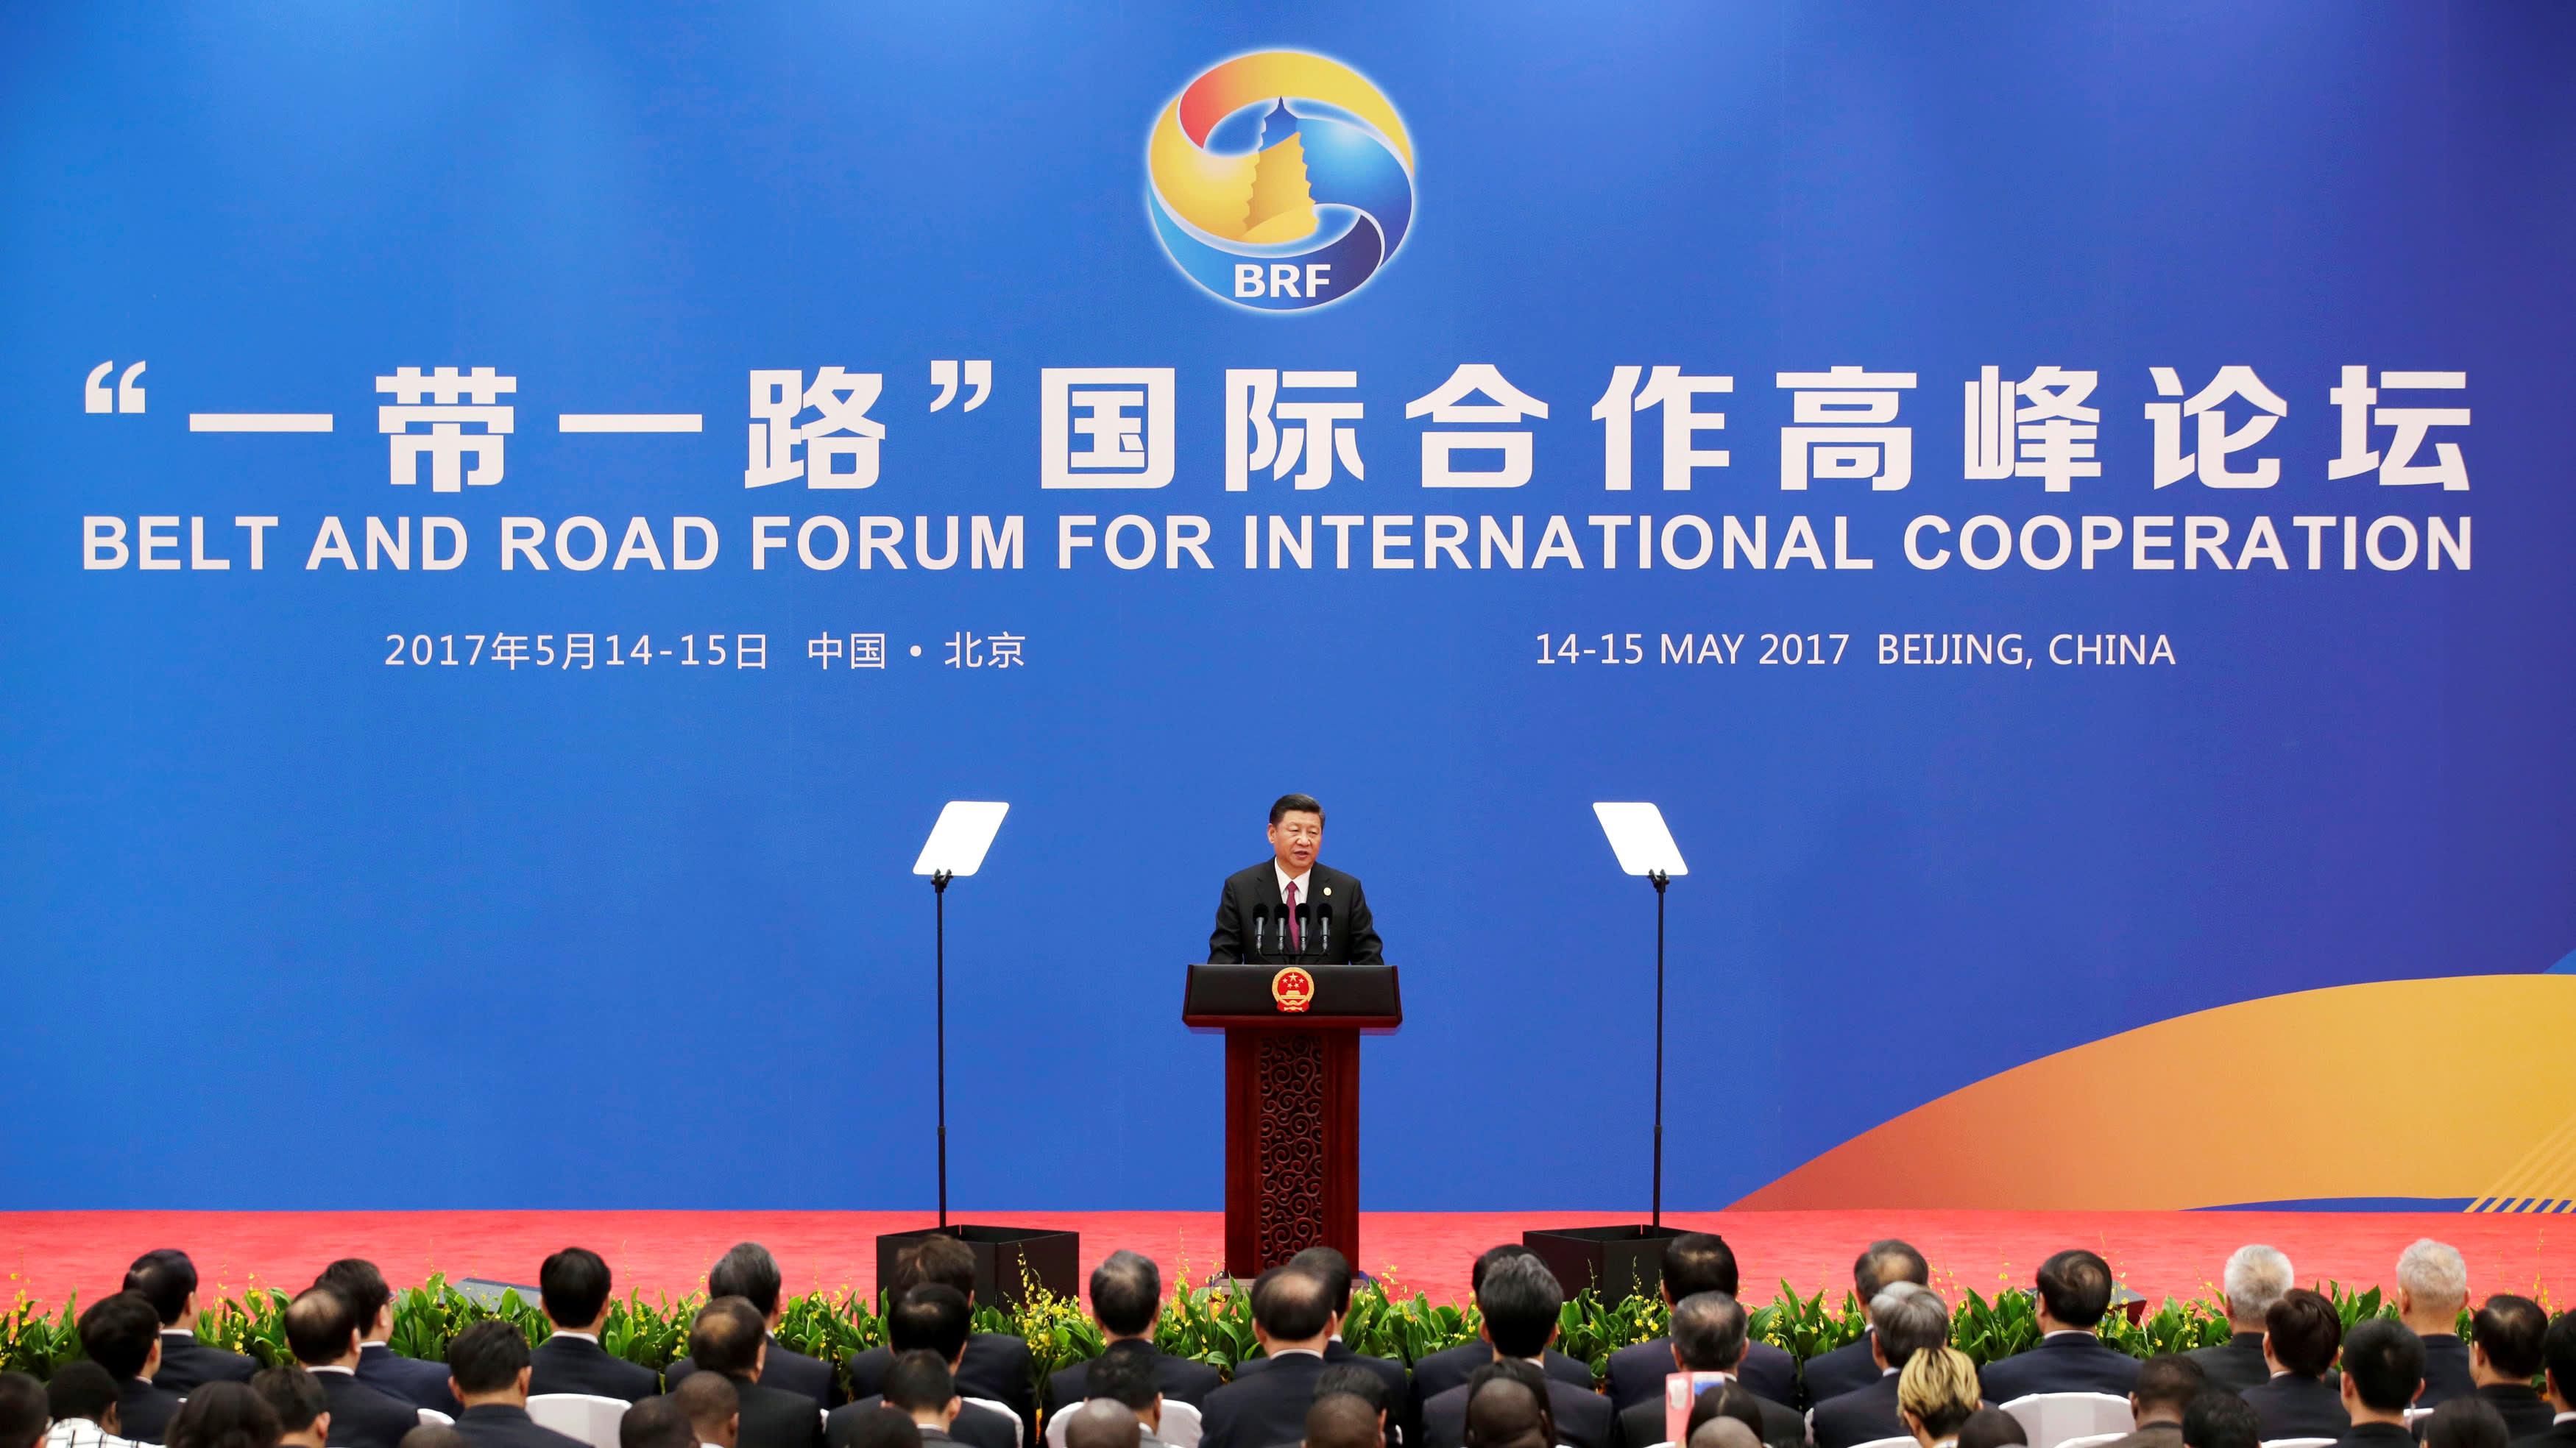 BRI and Chinese World Order